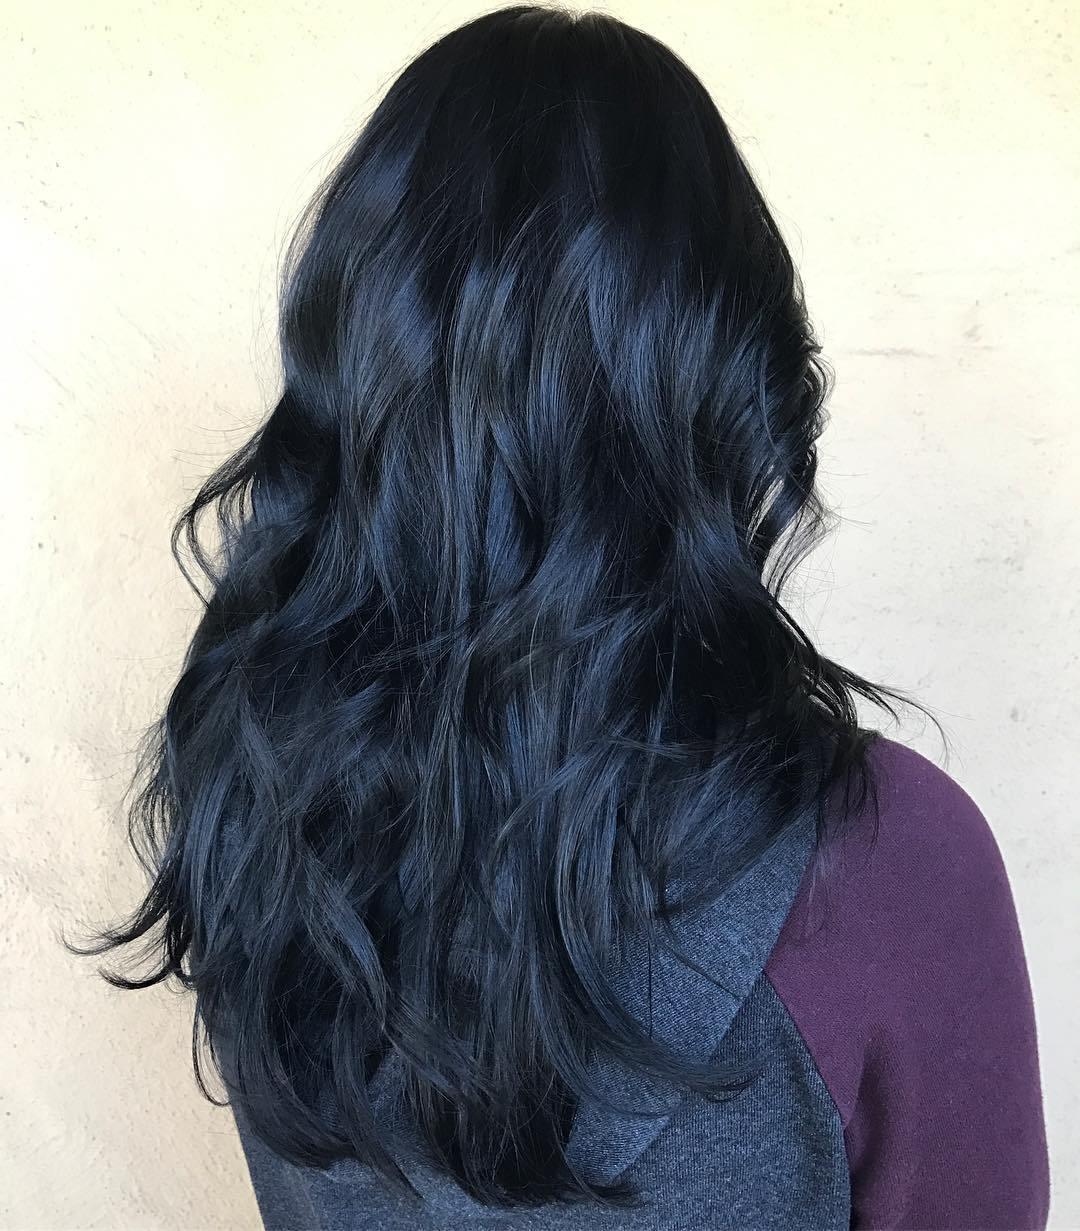 тенденции окрашивания волос 2019 года фото 5